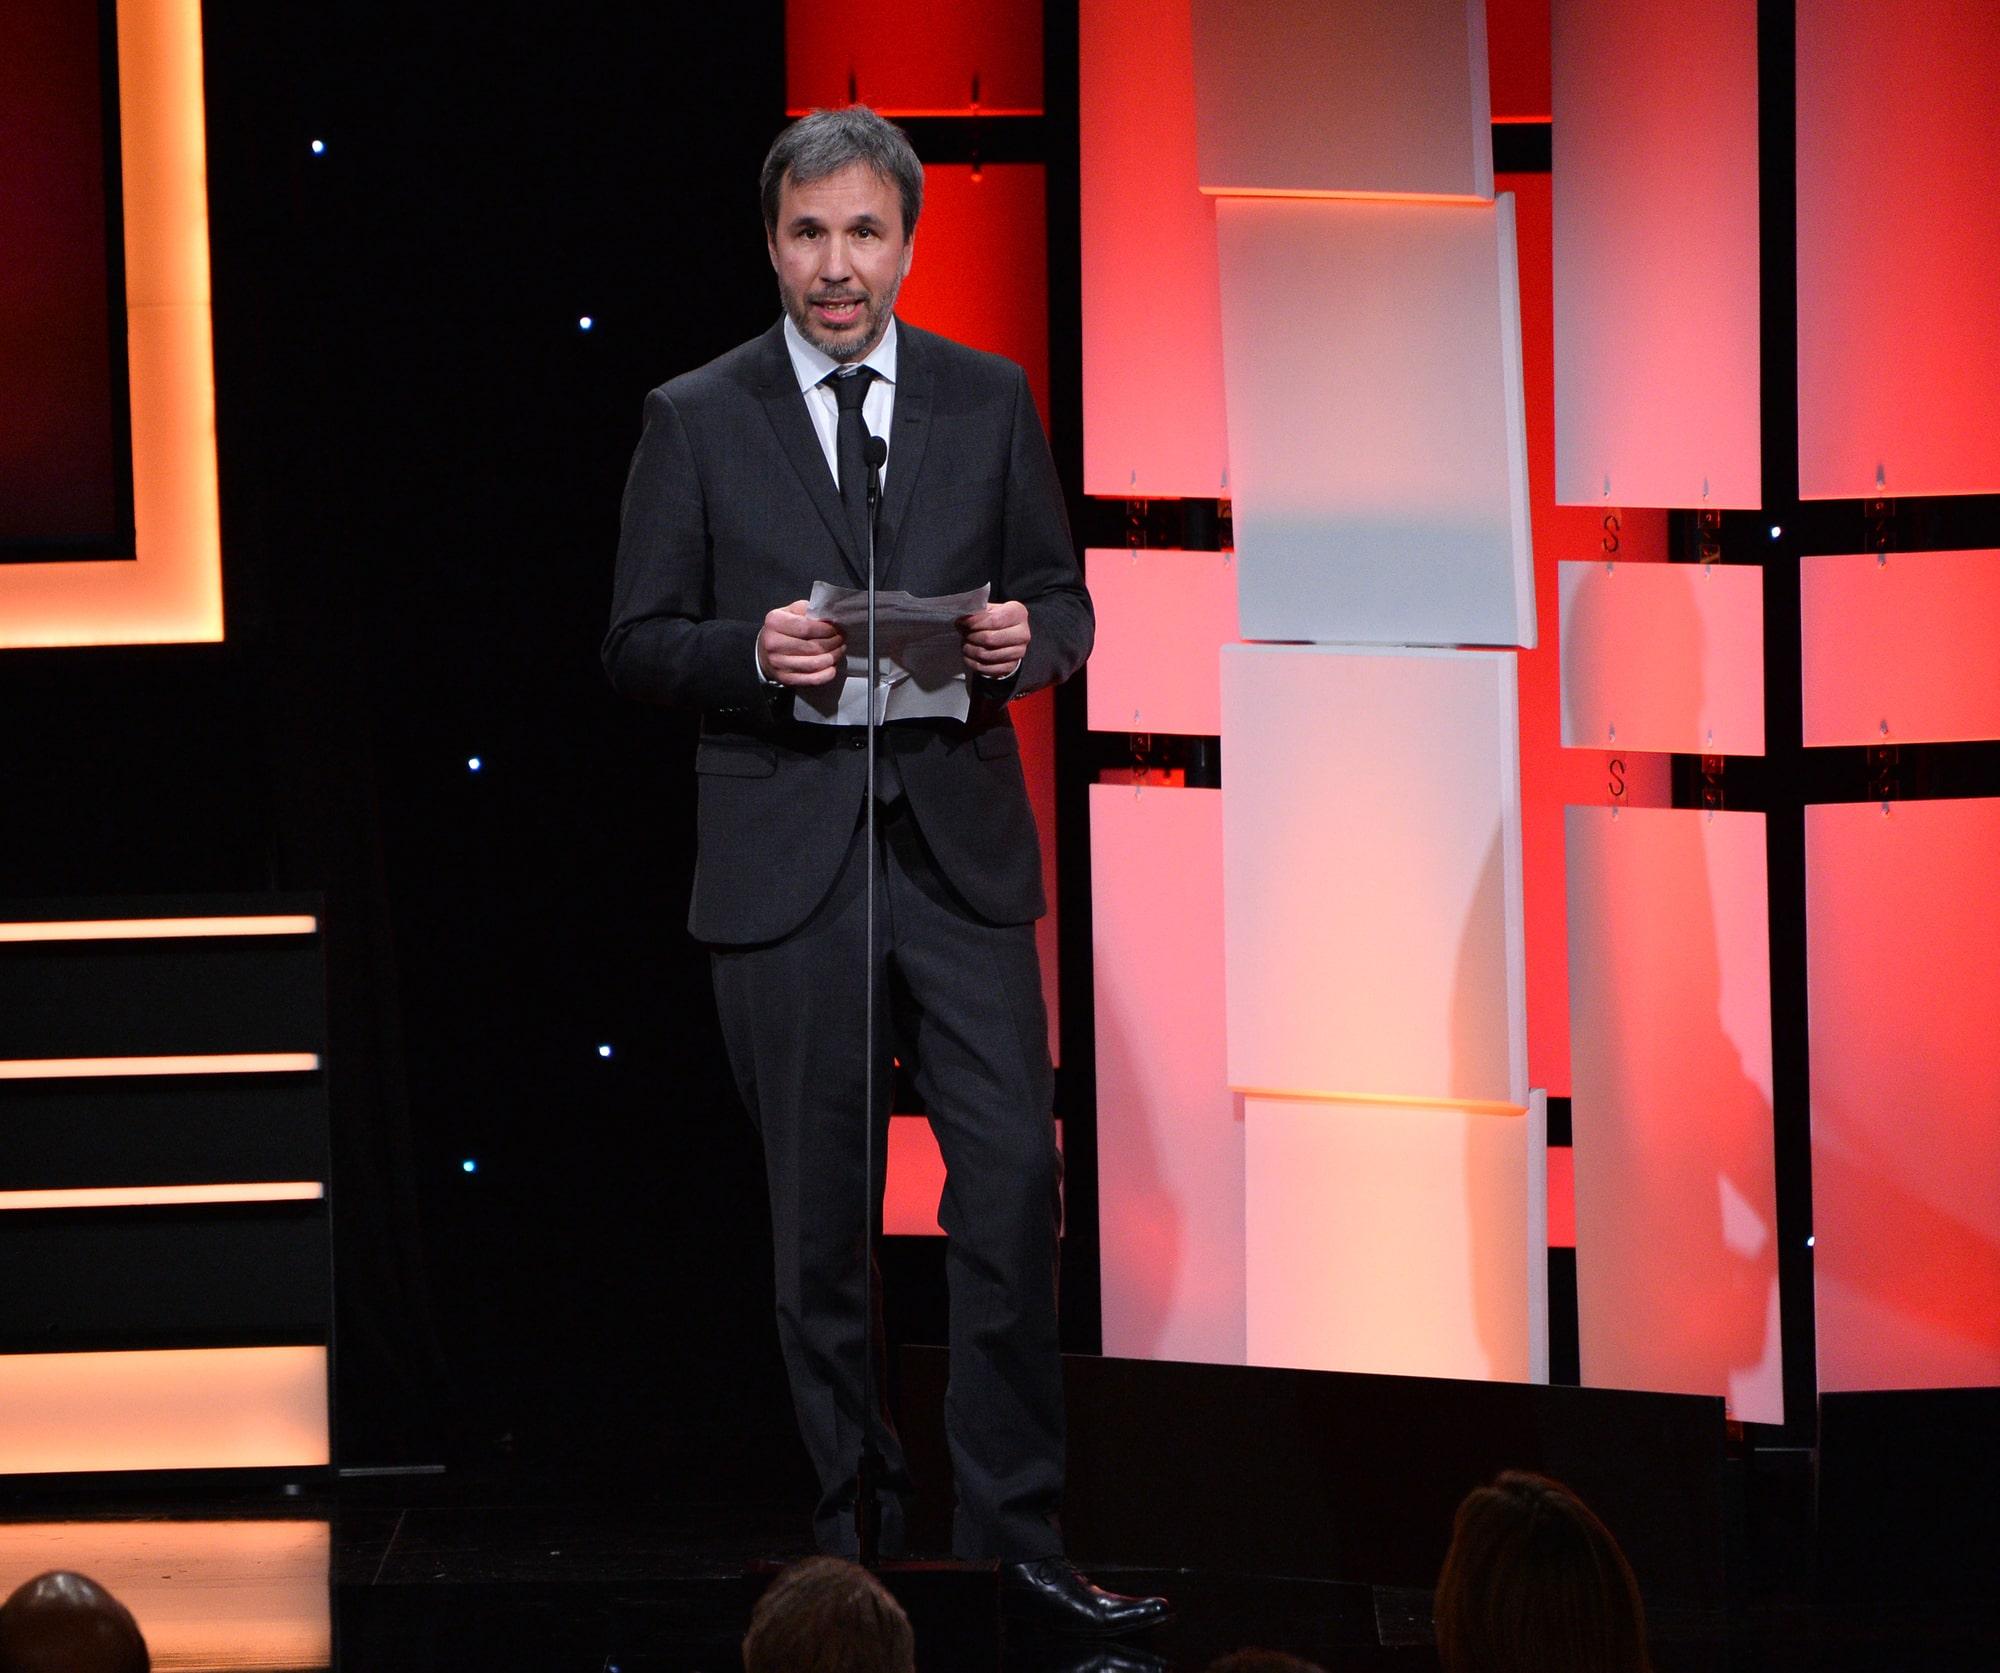 Джейсон Момоа и Джош Бролин поддержали Дени Вильнёва, который выступил против одновременного релиза «Дюны» в кинотеатрах и онлайн